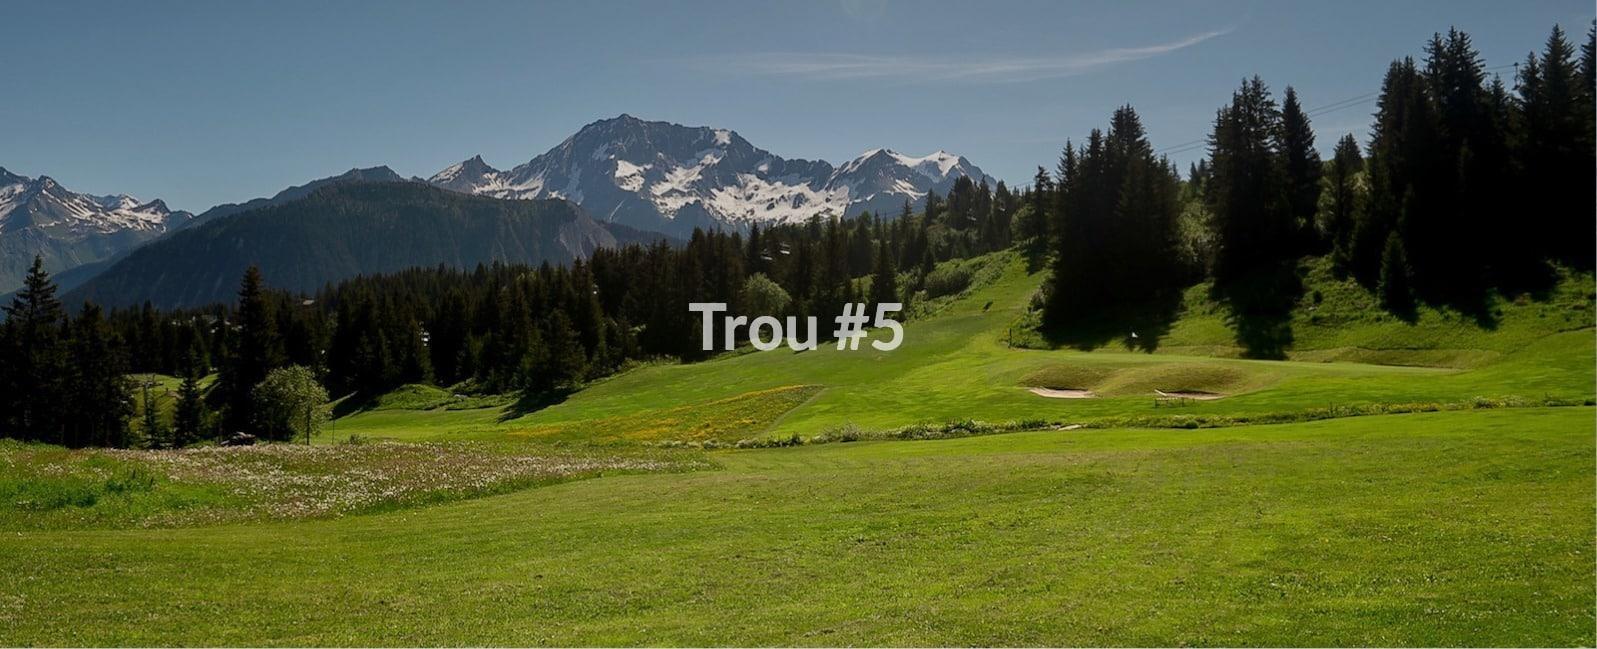 Golf Club de Courchevel | Trou 5 avec vue sur les glaciers du Grand Bec